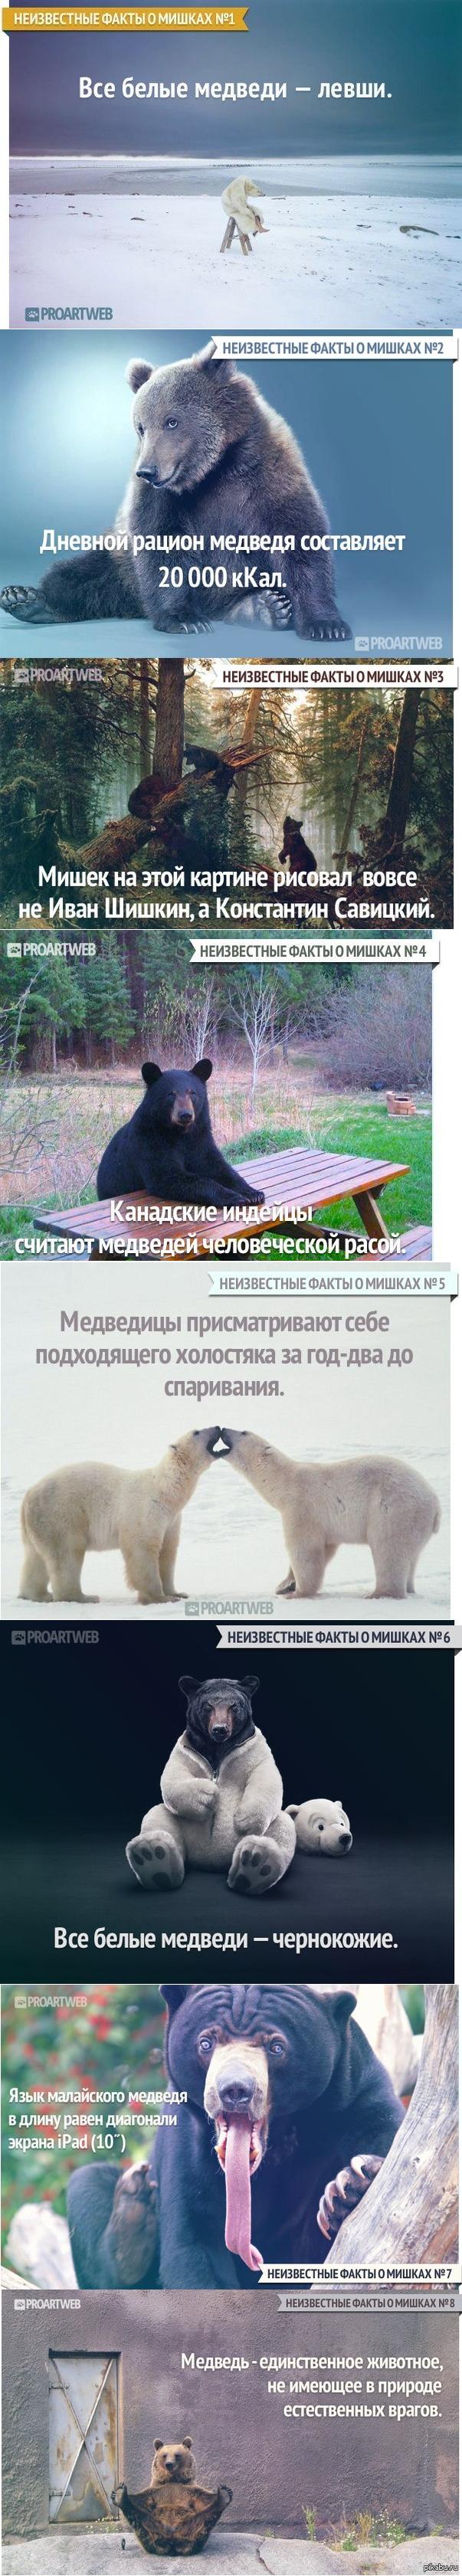 http://s.pikabu.ru/post_img/2013/09/11/12/1378929082_2007670600.png